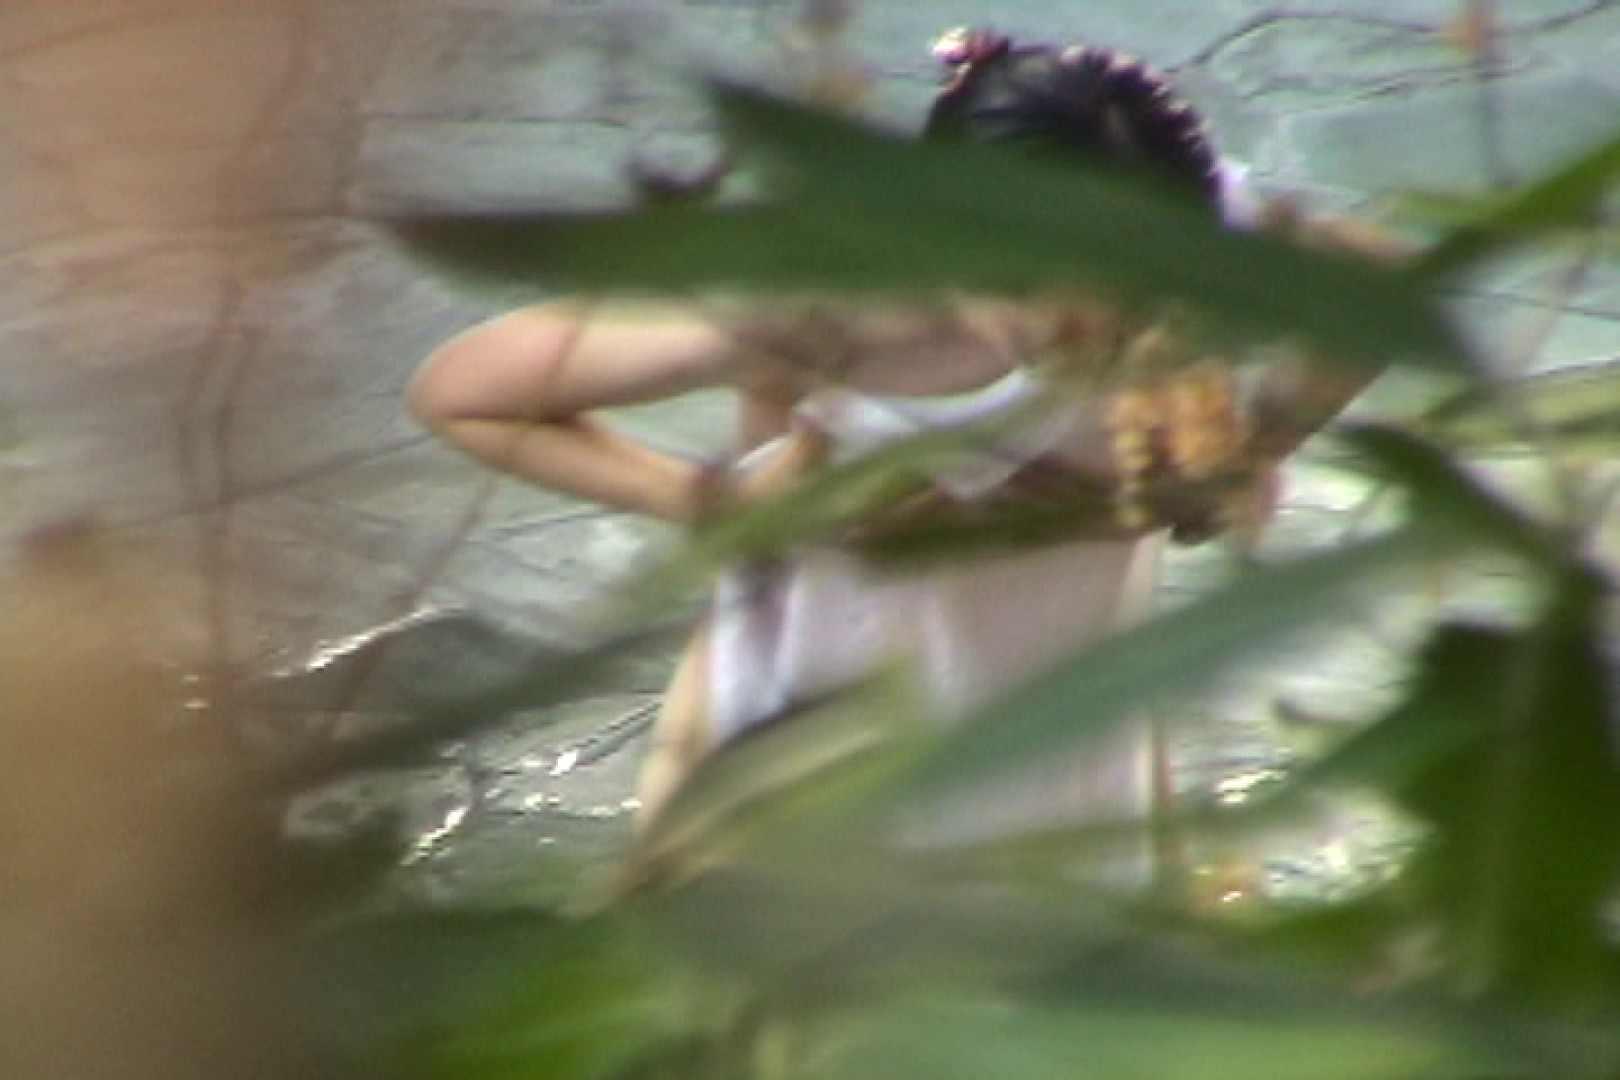 Aquaな露天風呂Vol.701 美しいOLの裸体  80pic 12